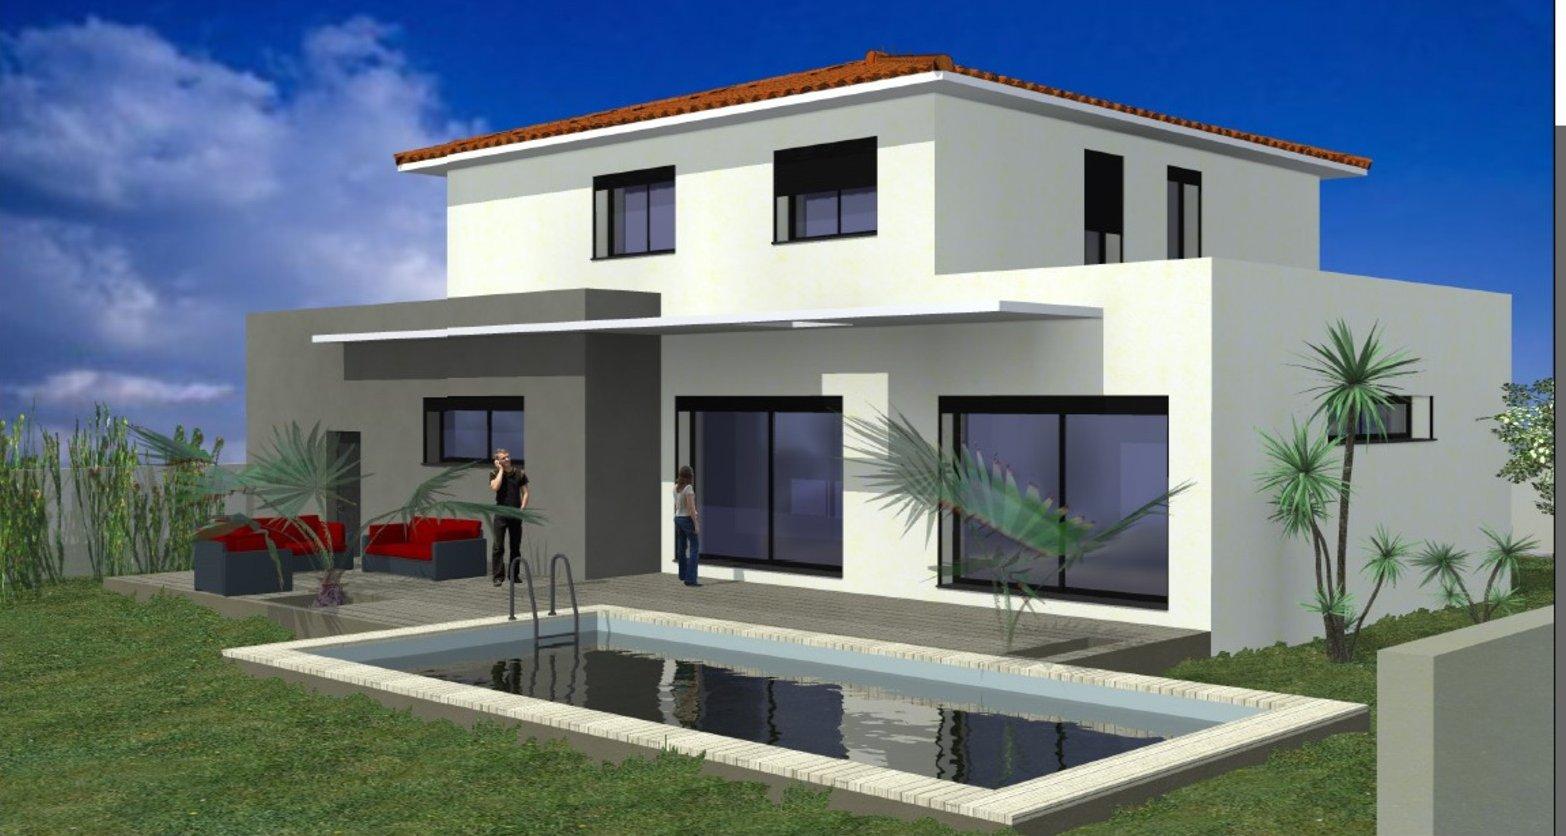 Lattes Construction Plan Maison villa Plain Pied Etage Constructeur Construction Hérault Montpellier RT 2012 Dommage Ouvrage